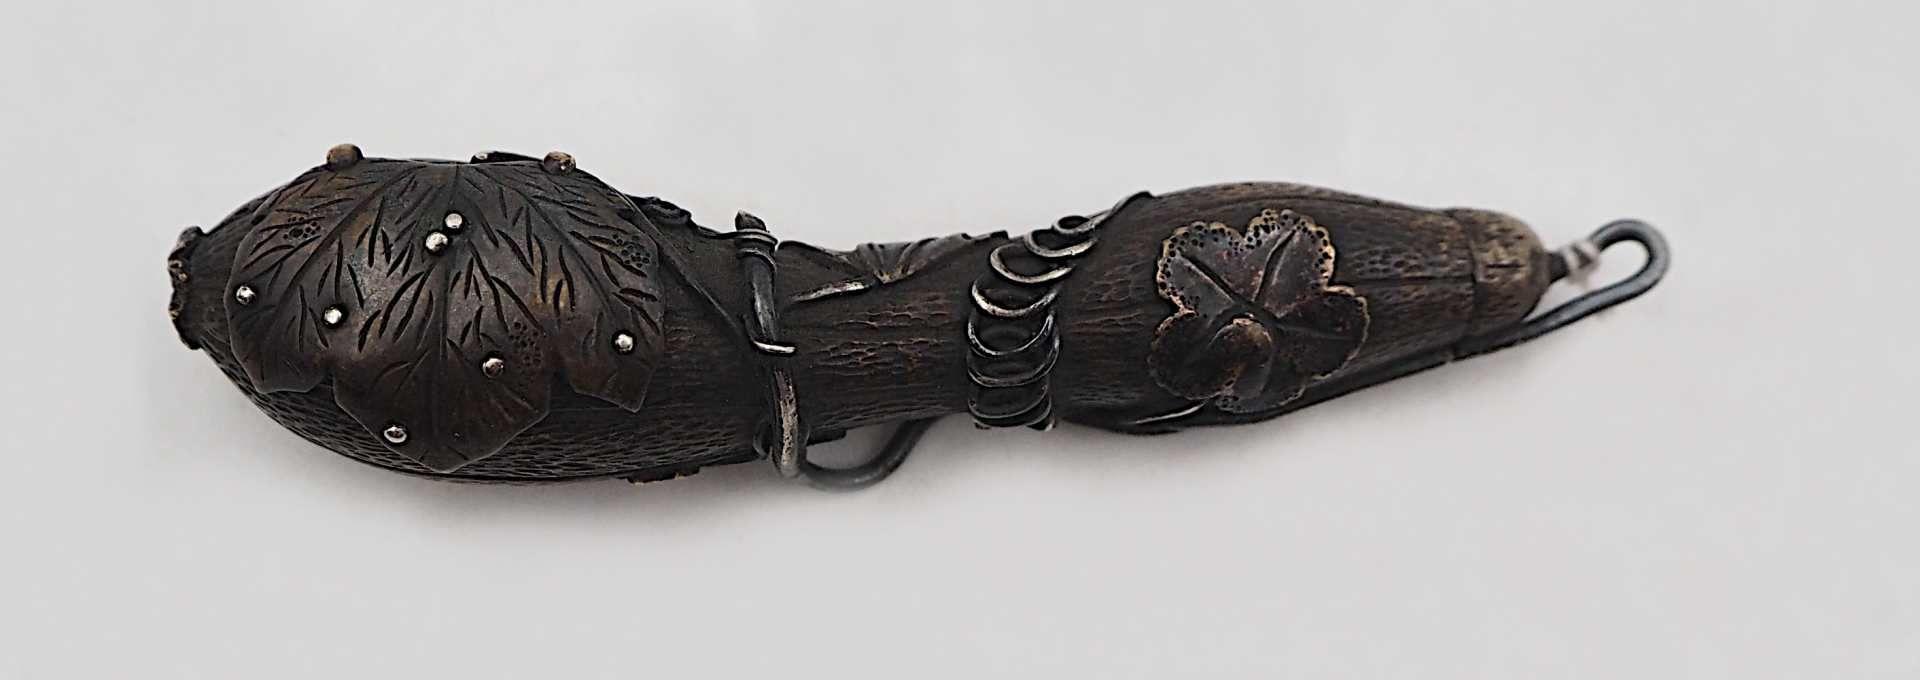 1 Behältnis wohl Japan Meiji-Zeit in Zucchini-Form Metall, 1 Blatt aufklappbar, Spitz